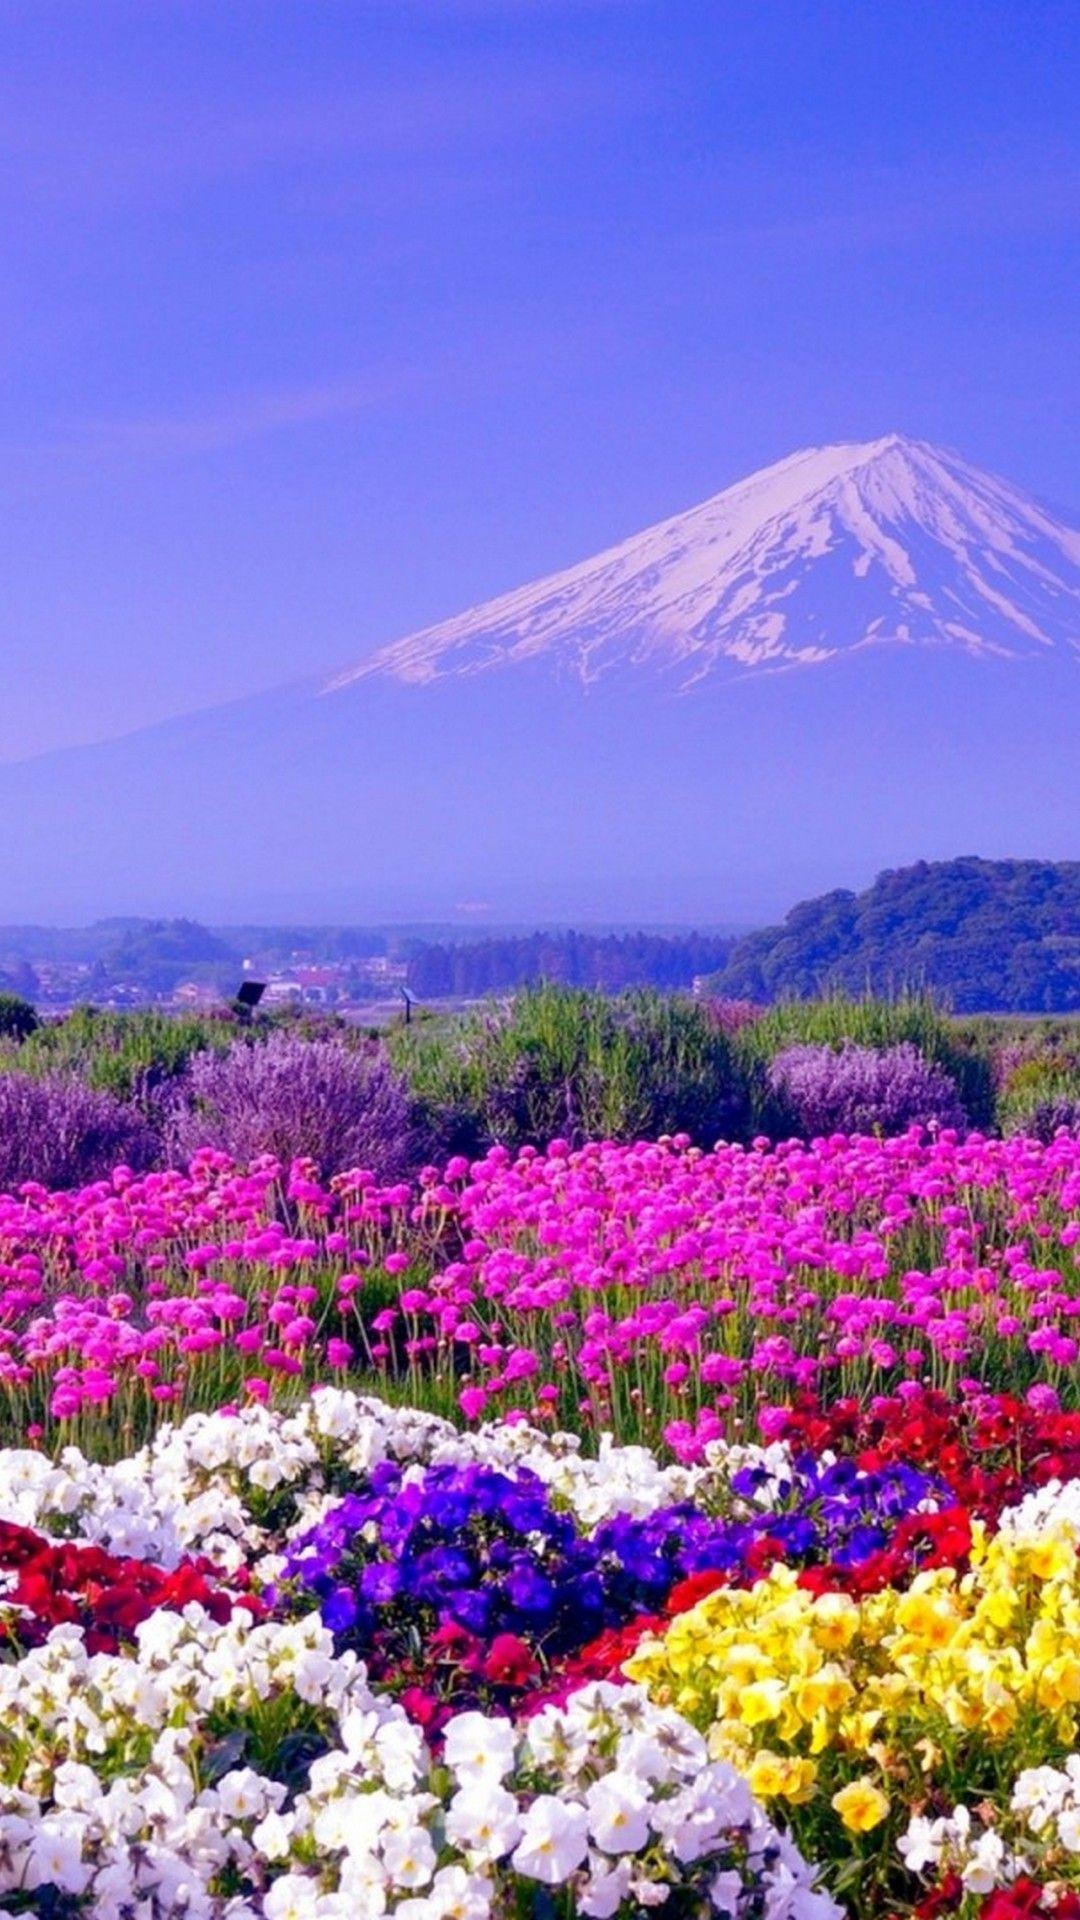 Spring in Japan Nature, Beautiful nature, Nature wallpaper